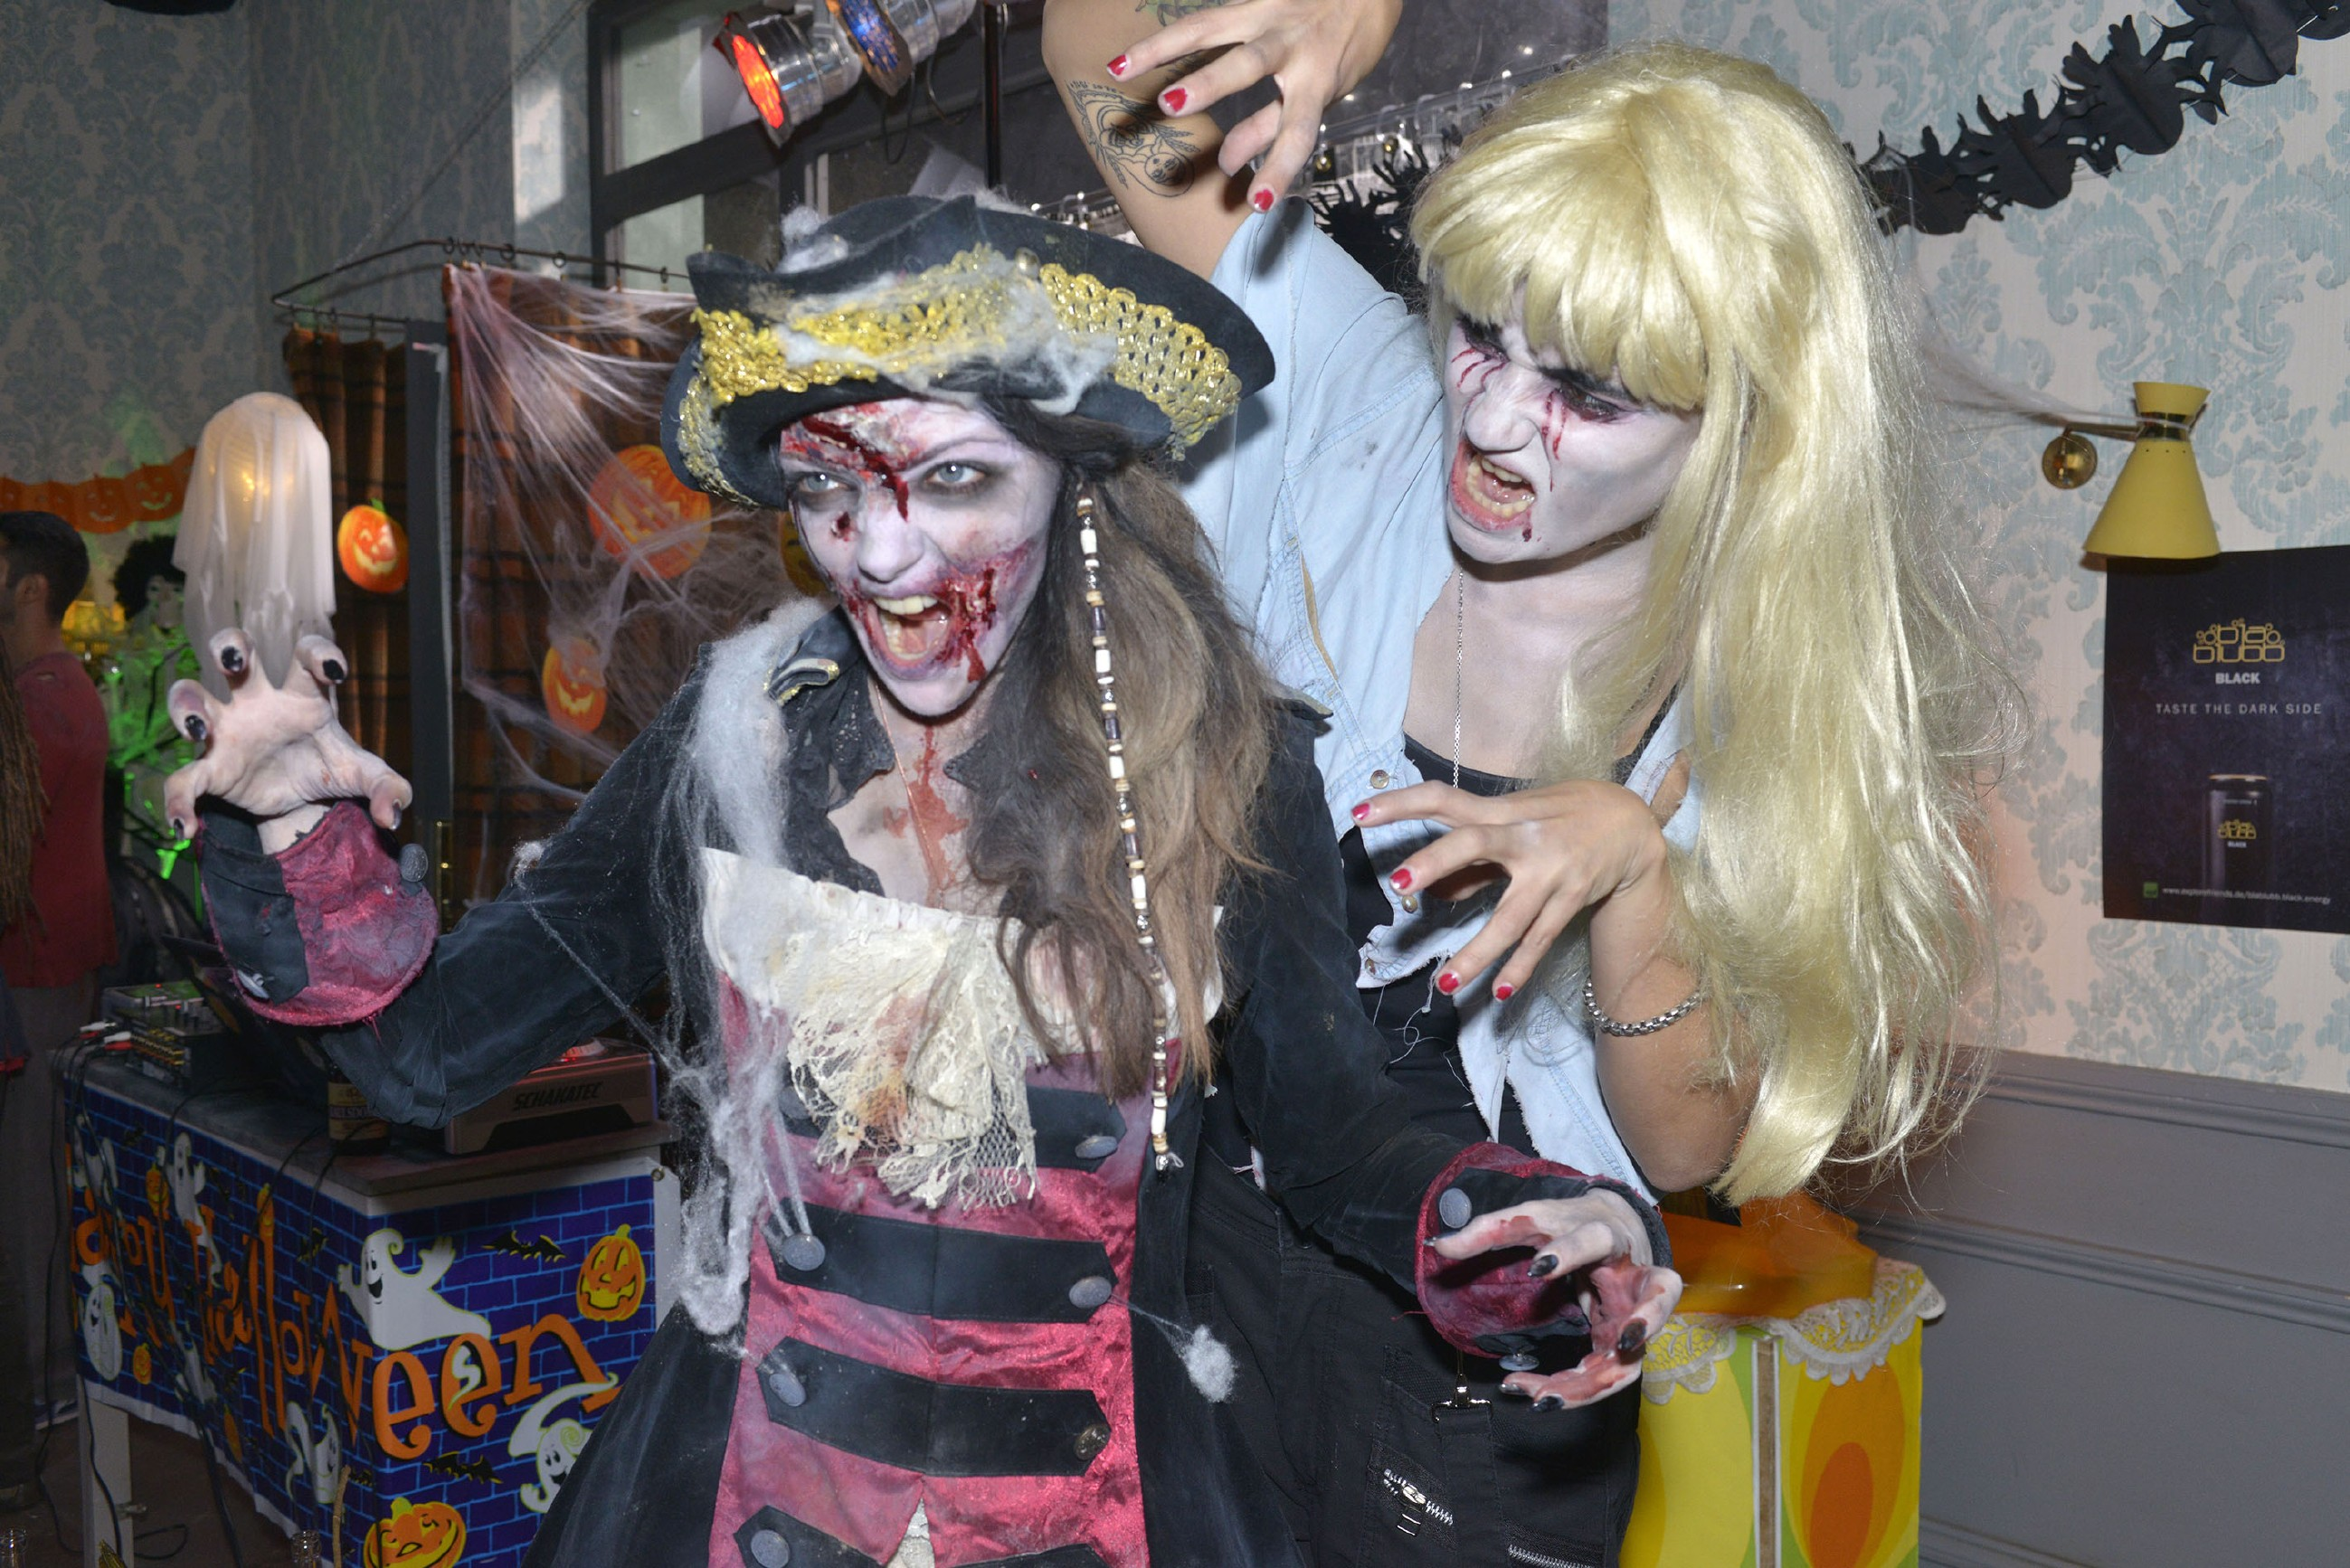 Emily (Anne Menden, l.) und Anni (Linda Marlen Runge) haben sich gruselig-morbide kostümiert und amüsieren sich auf einer Halloweenparty.